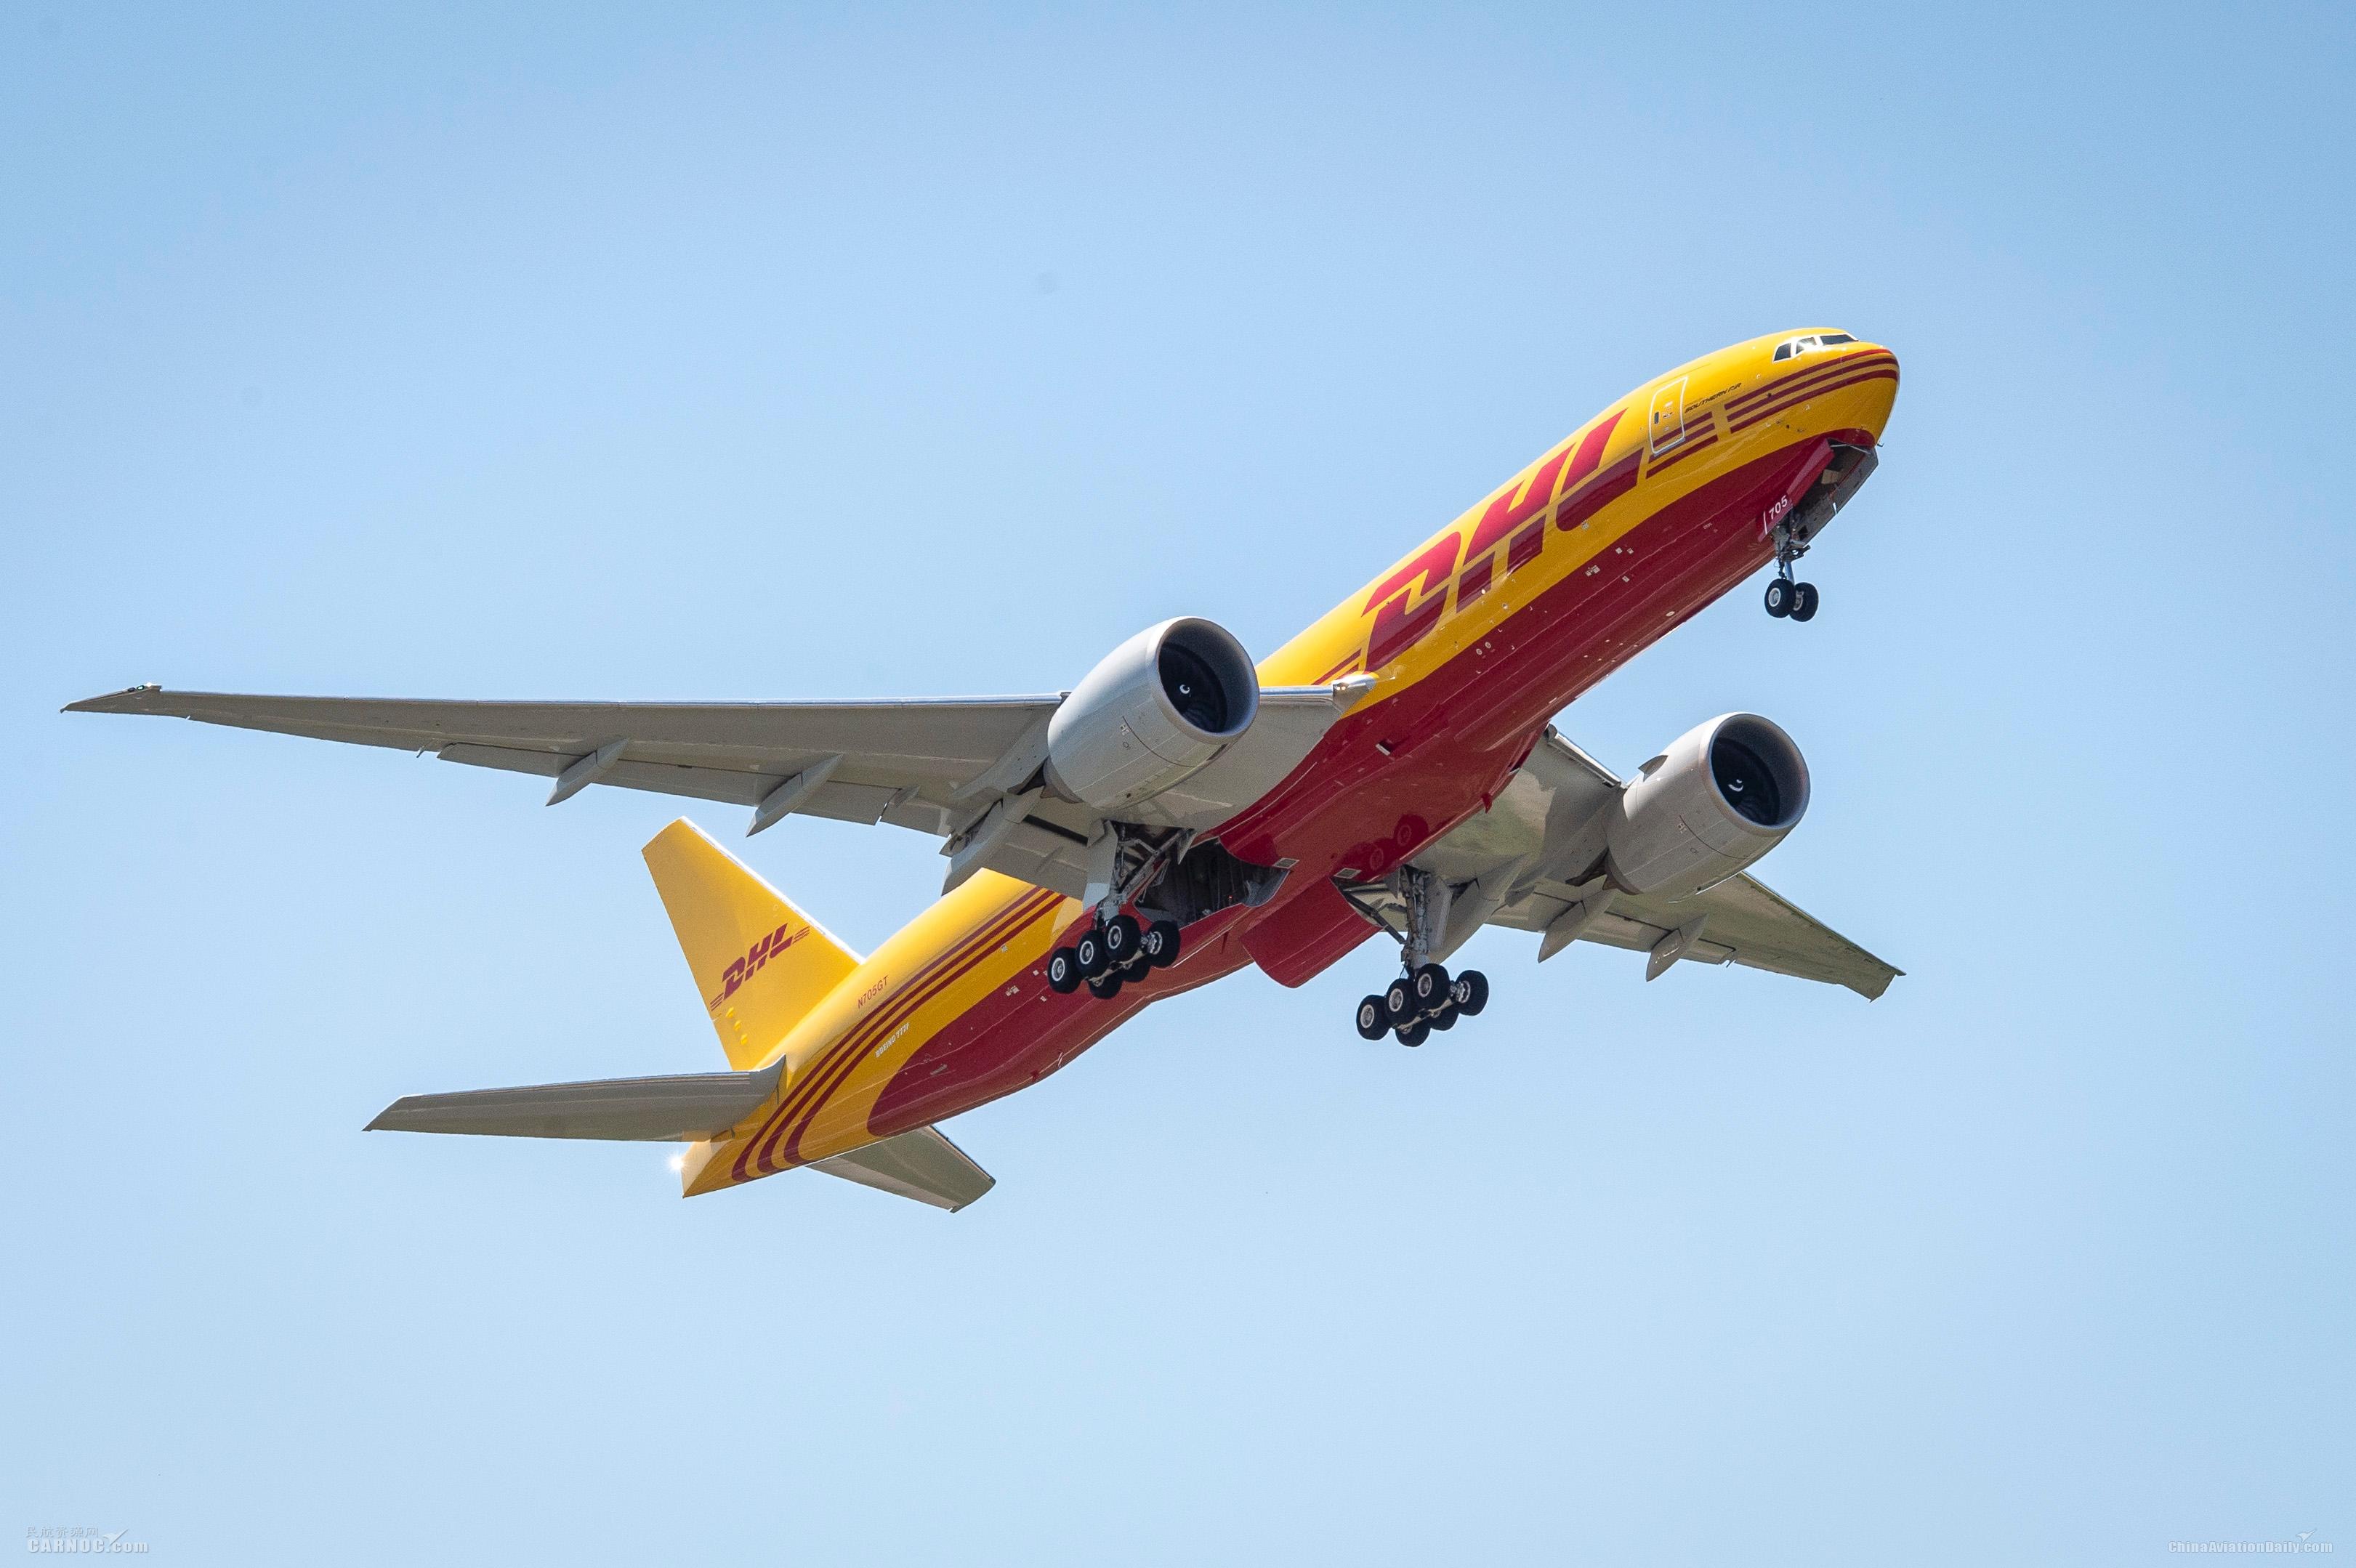 DHL快递新购8架波音777货机 进一步加强全球航空网络建设